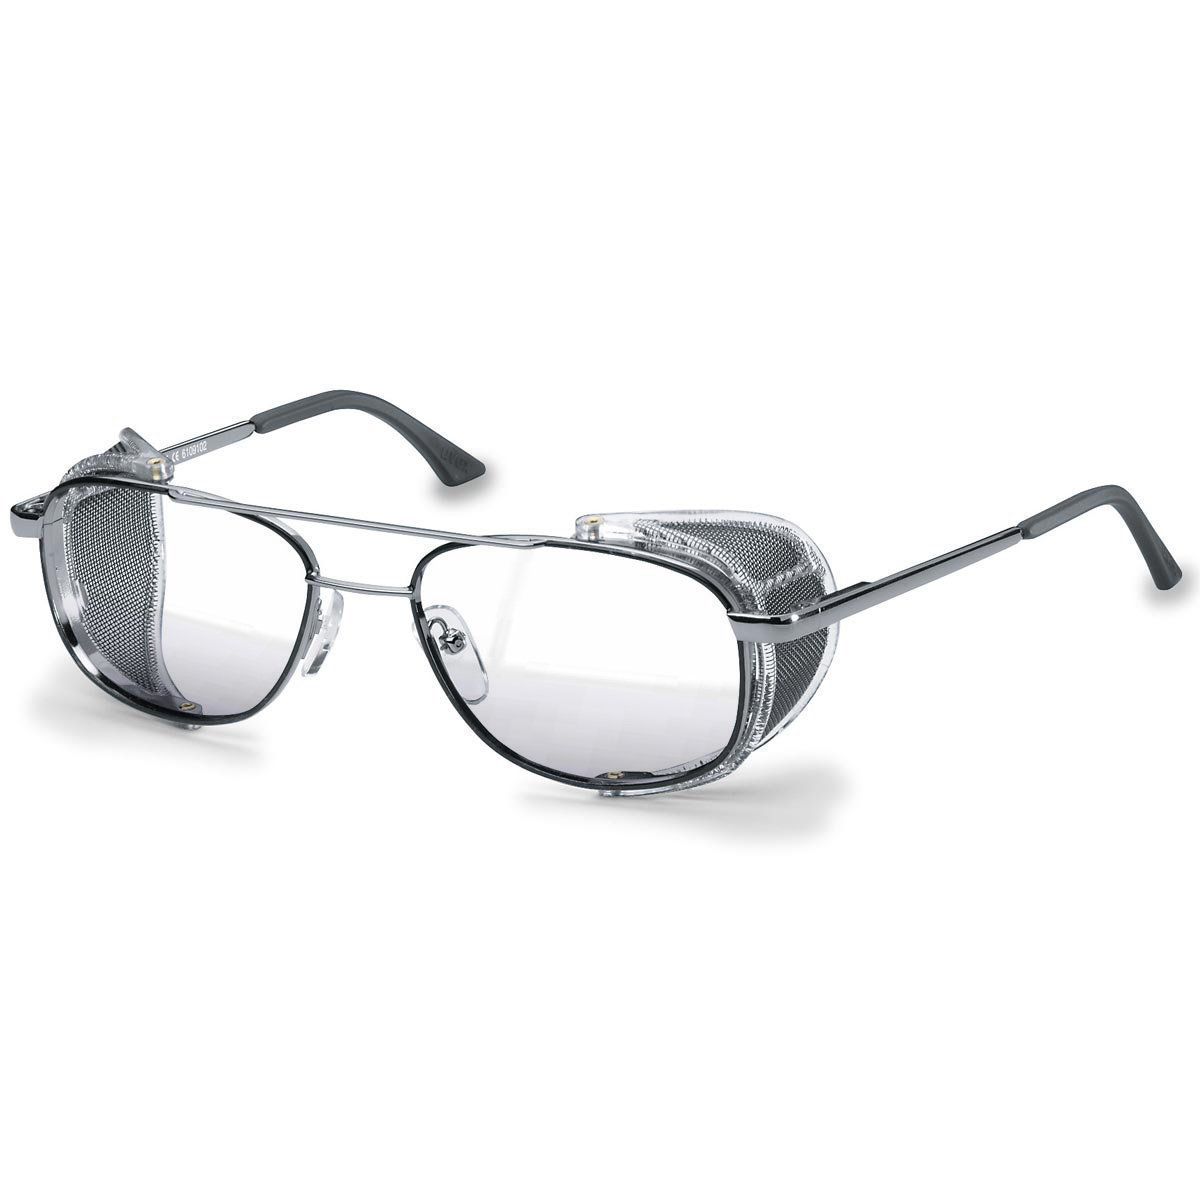 Uvex Korrektionsschutzbrille RX 5101 - UV blue protect